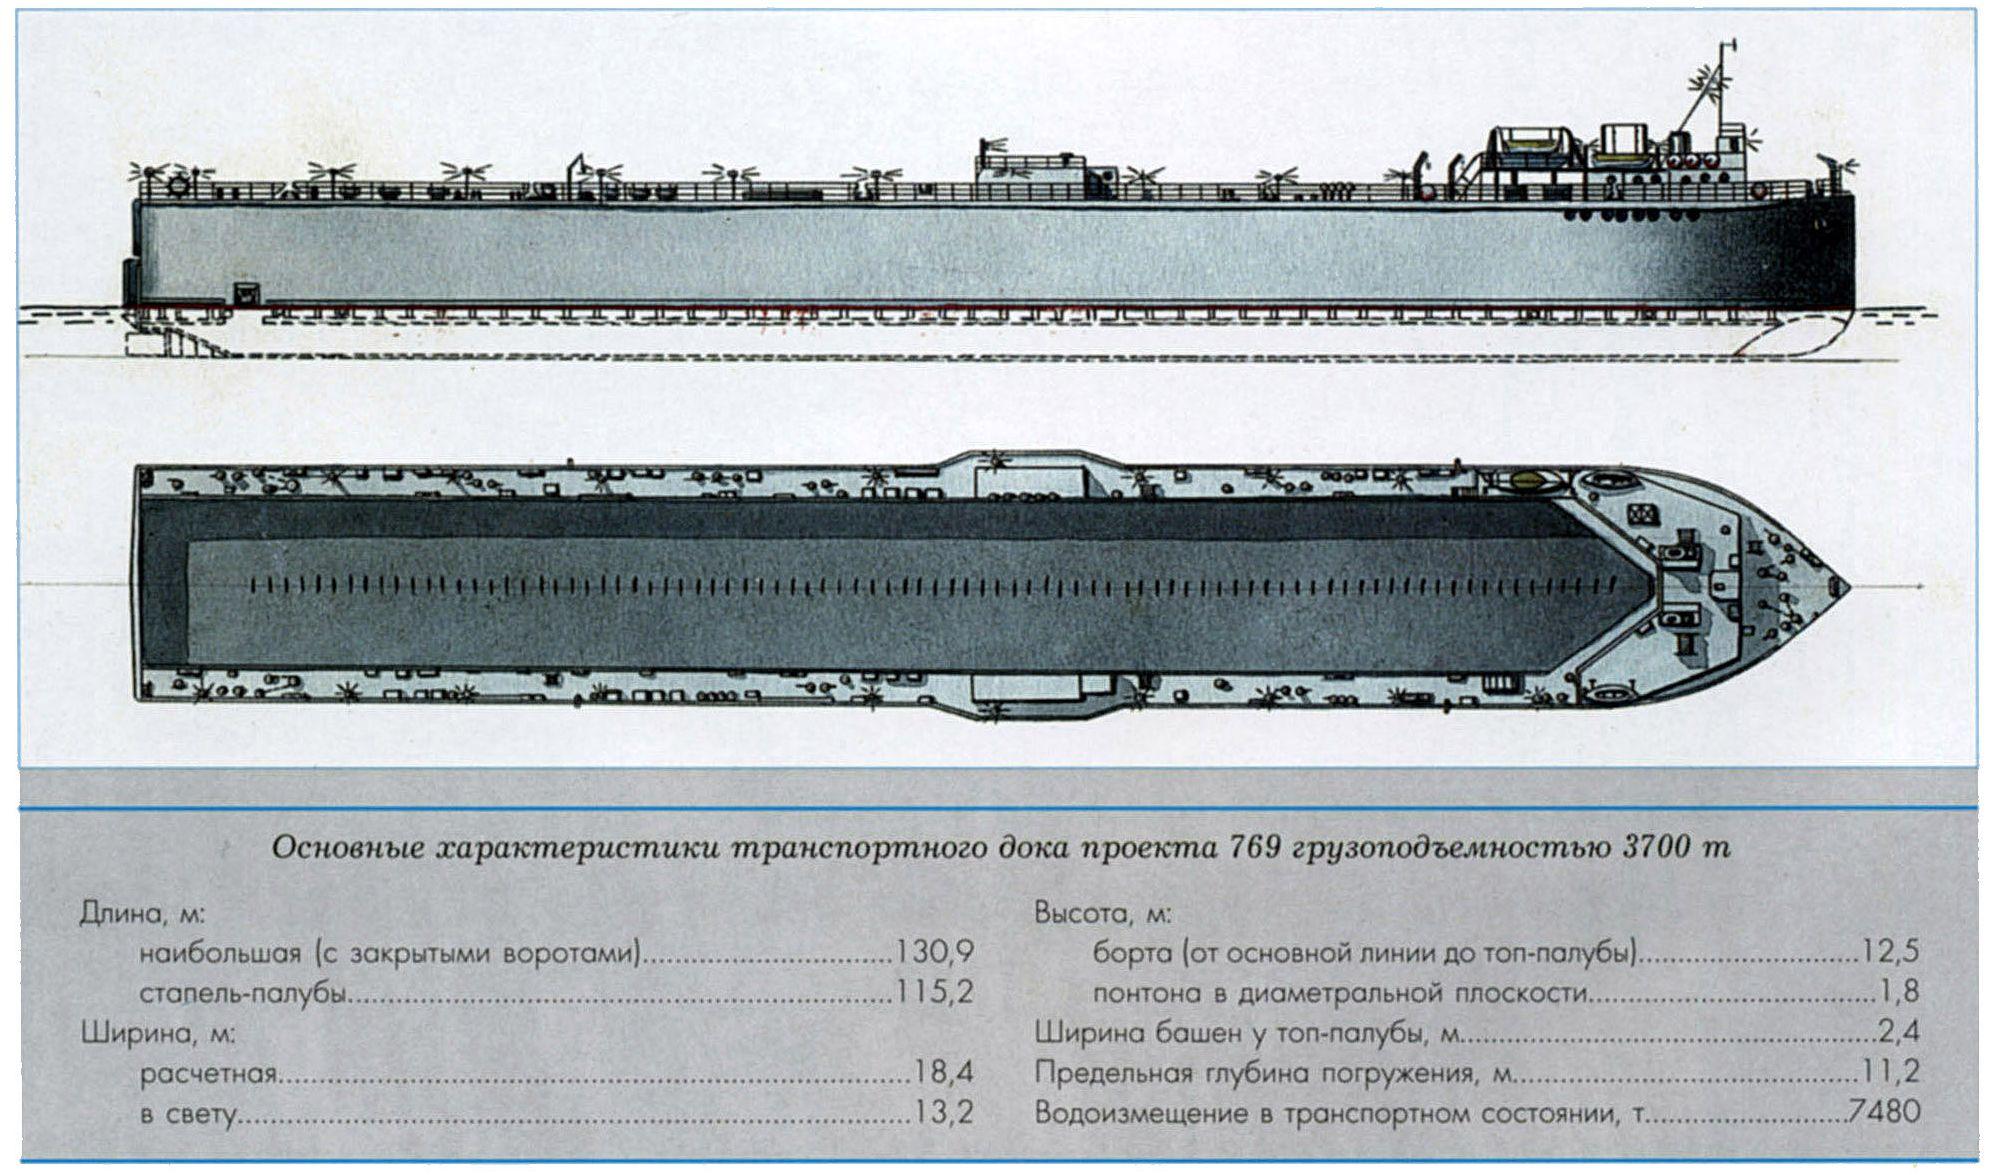 ТД пр.769_ТТХ.jpg